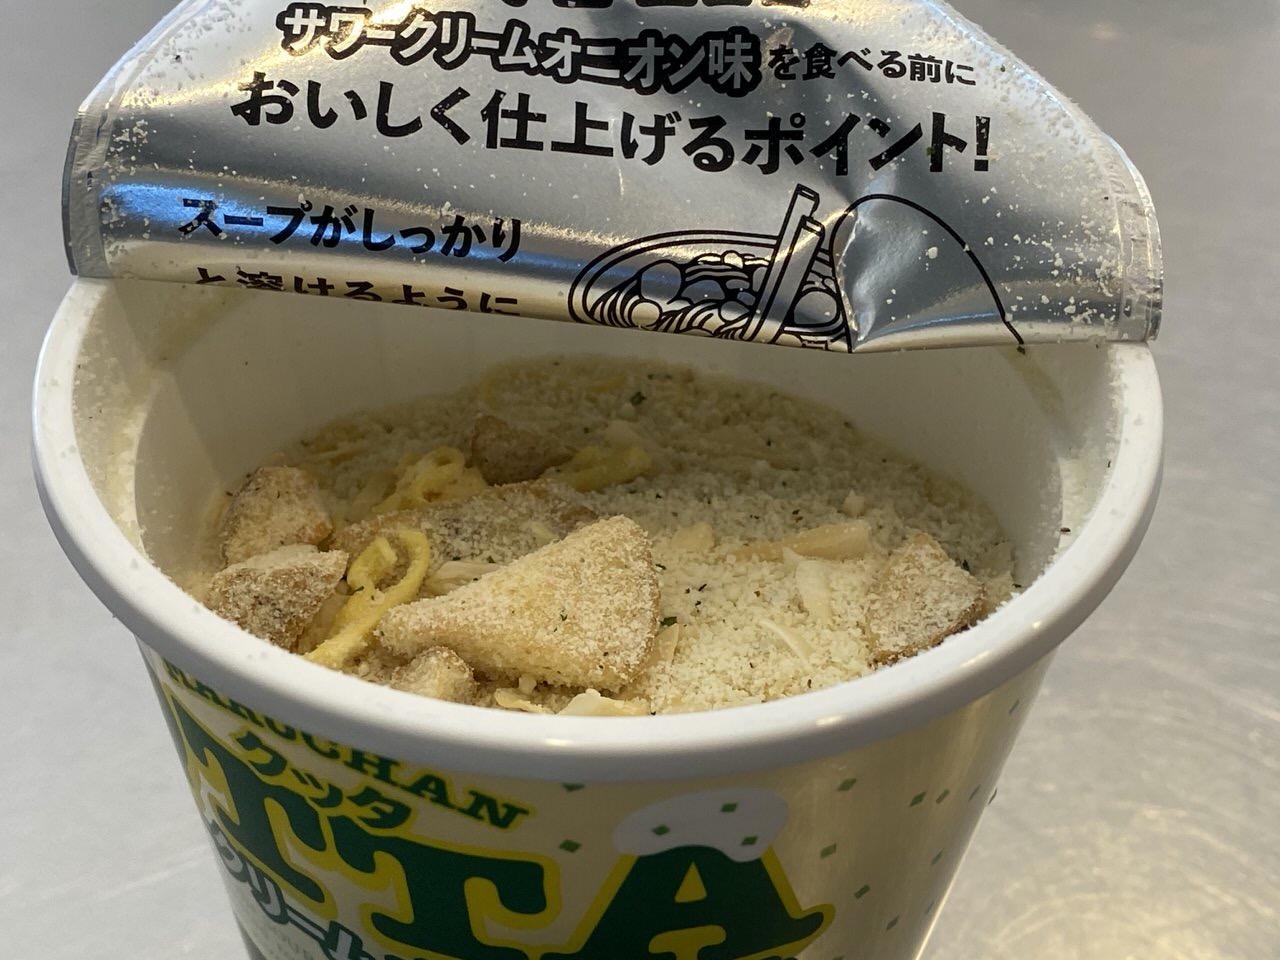 「QTTA サワークリームオニオン味」2